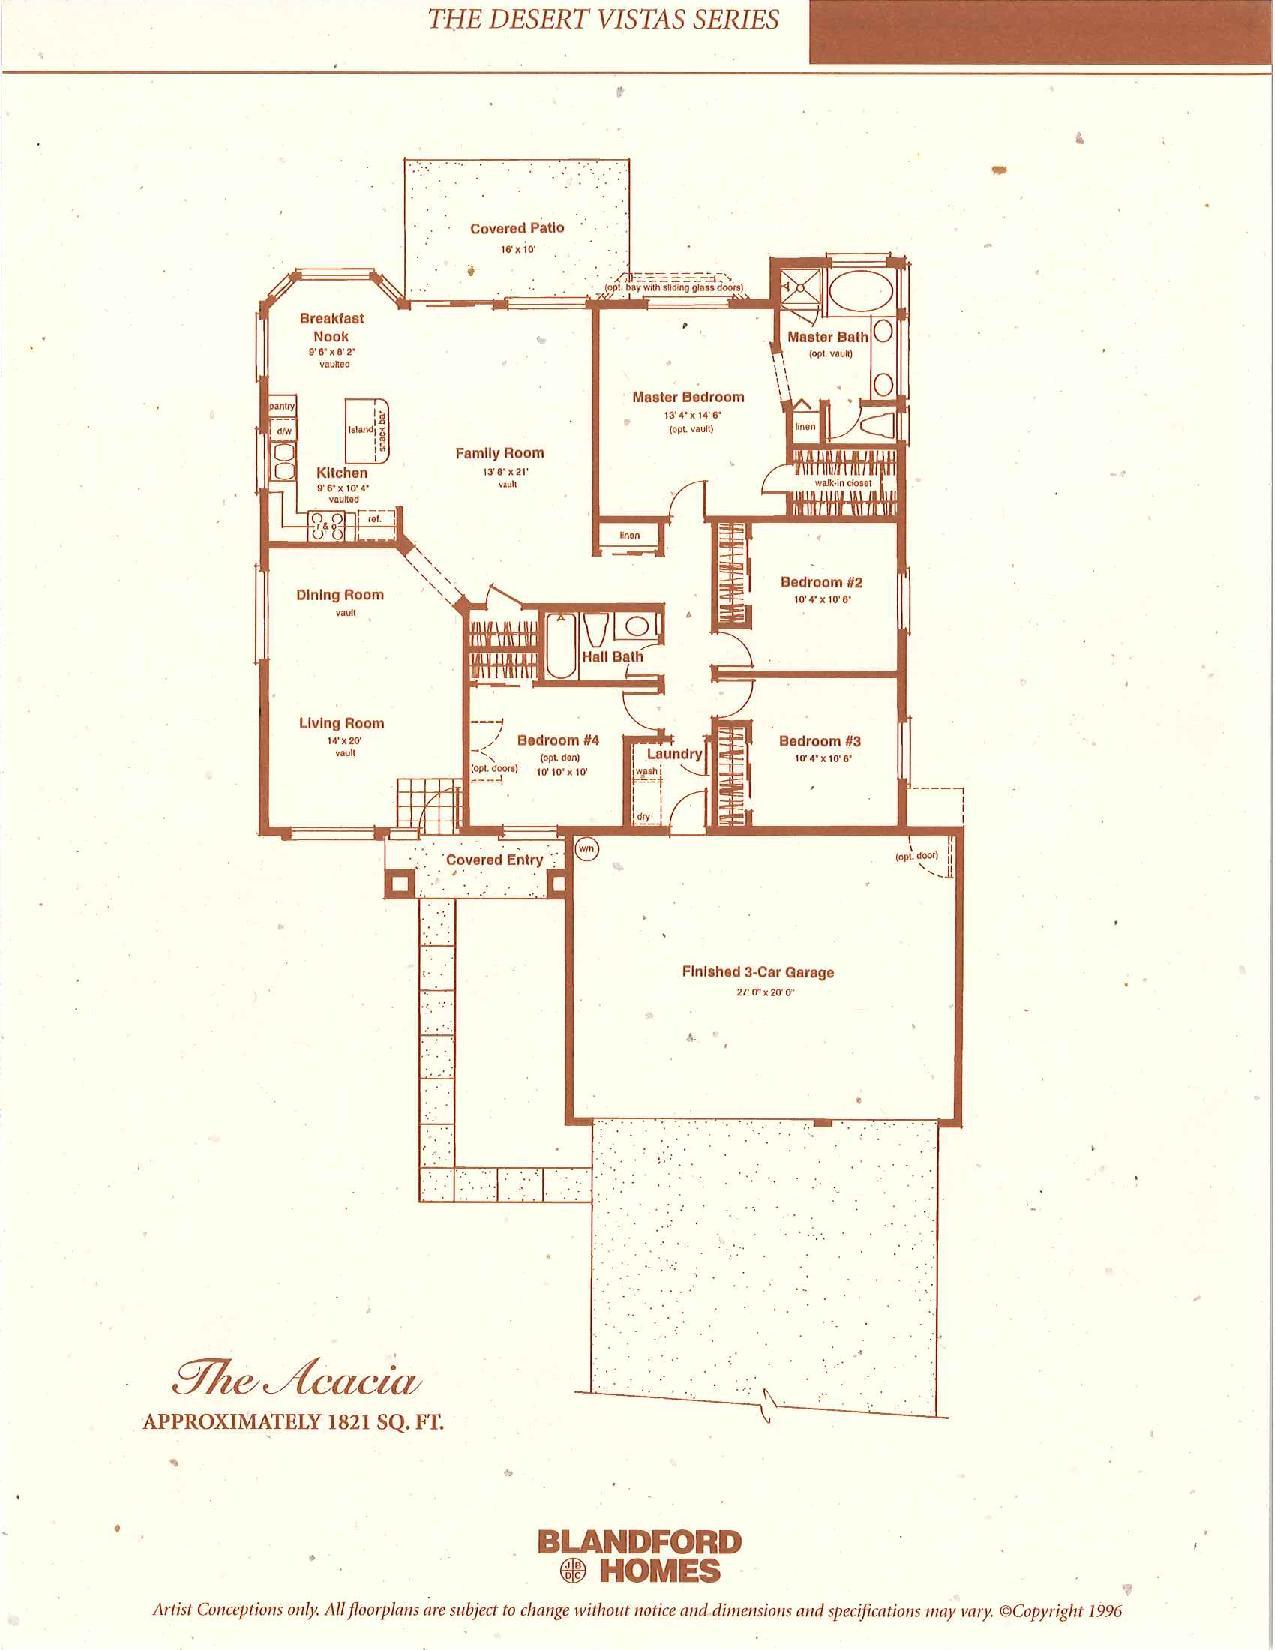 The Acacia 1821 SQ FT